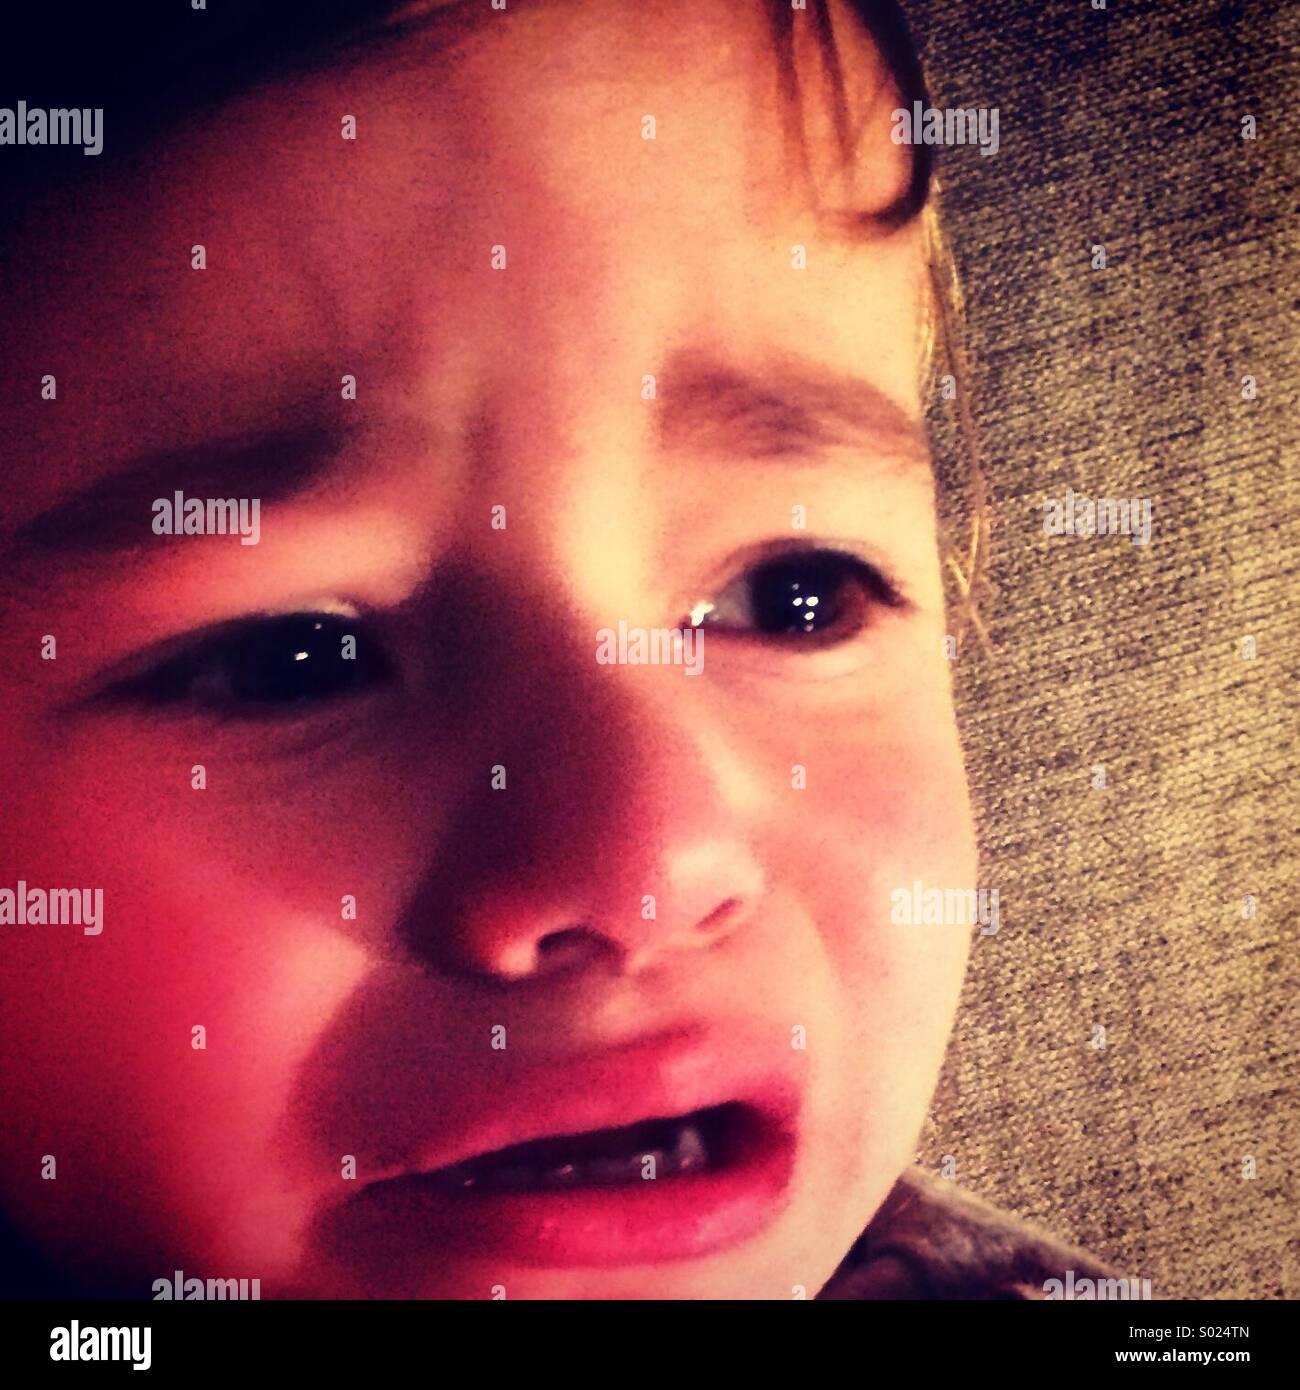 Dos años de edad llorando. Imagen De Stock